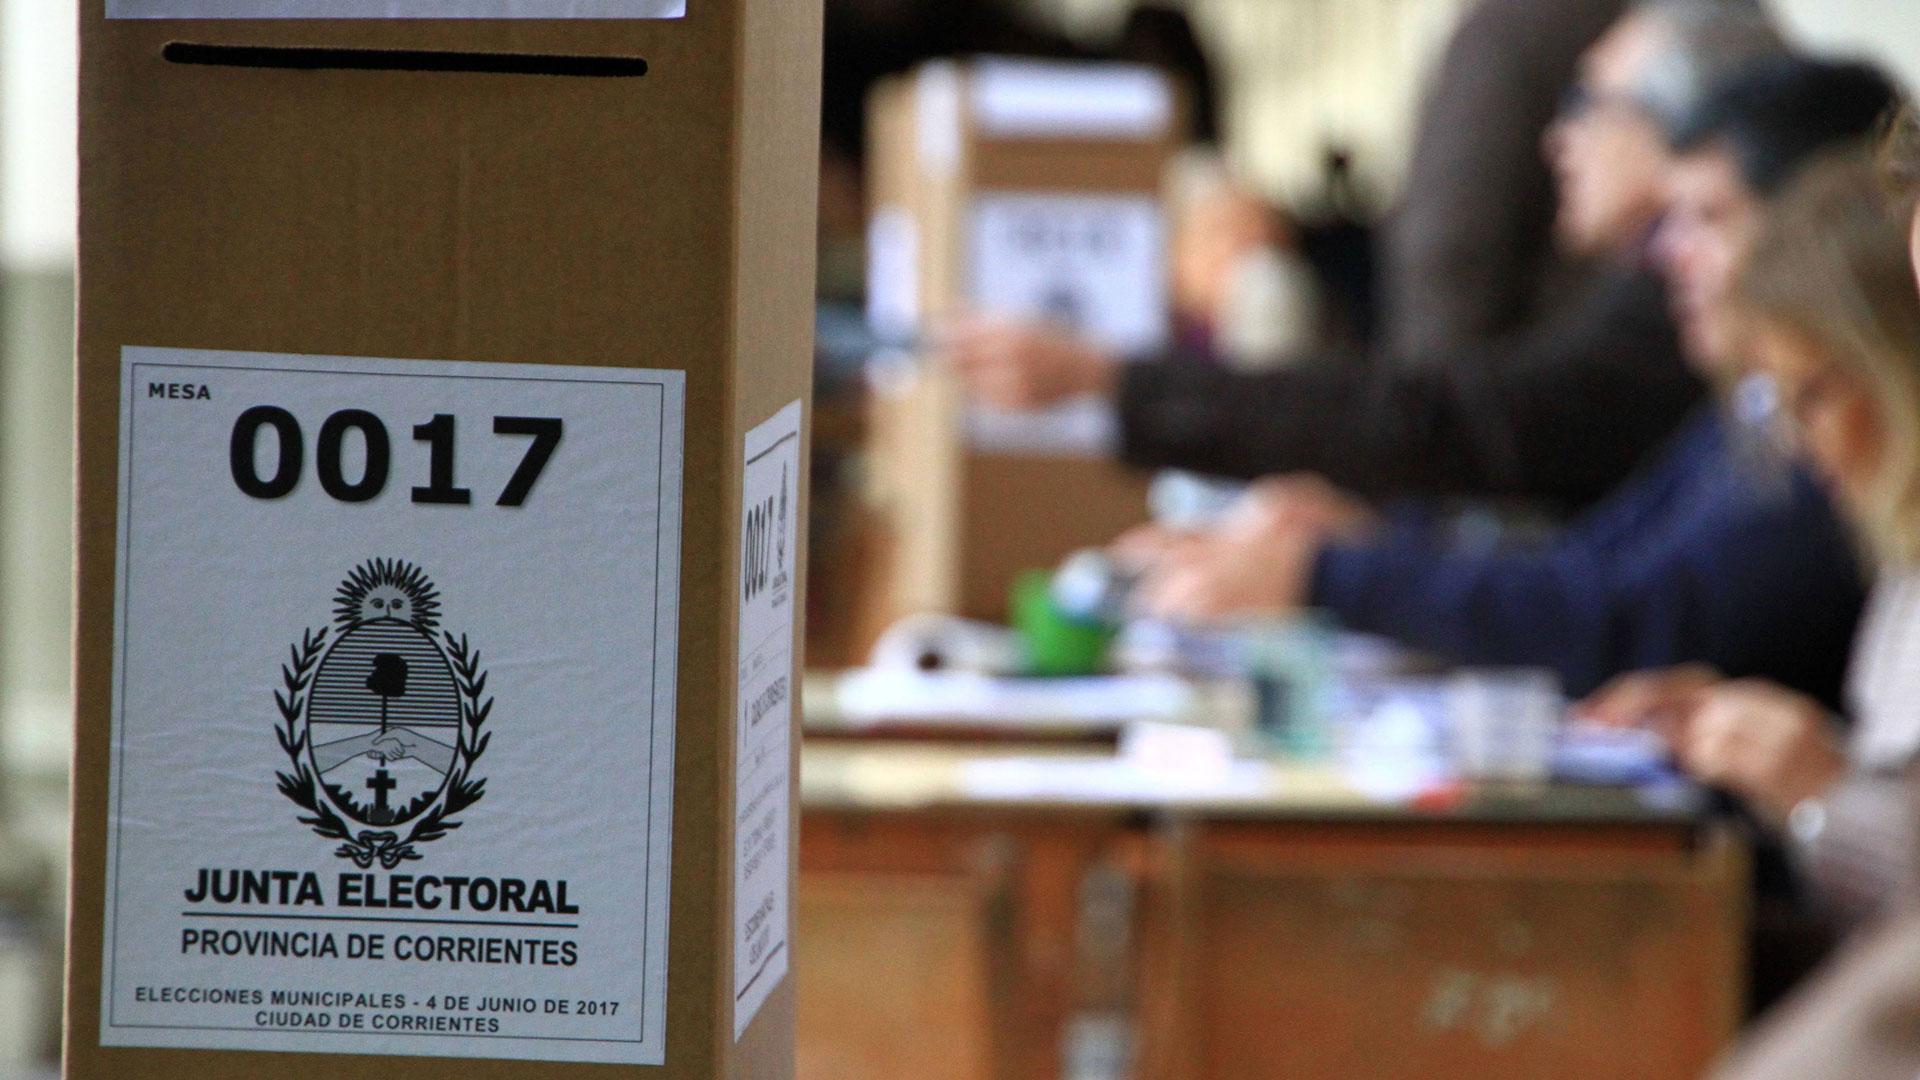 Las urnas de votación que se utilizaron en Corrientes (Telam)